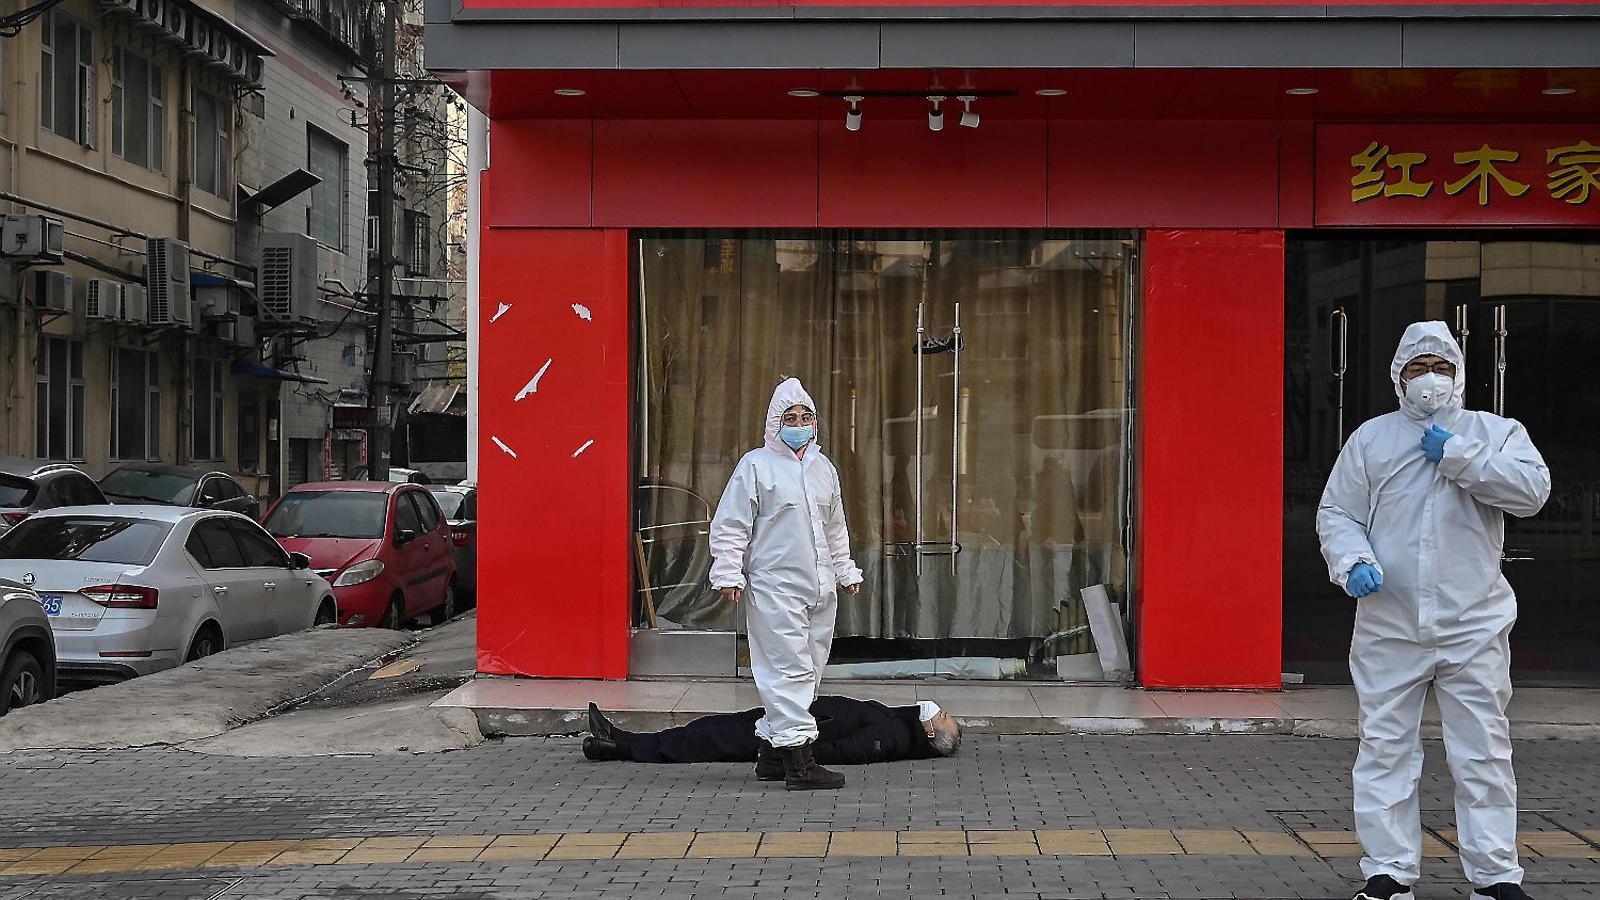 Imatge d'un home que va morir de cop al mig del carrer a Wuhan al gener. Mai es va confirmar que la causa de la mort fos el covid-19.